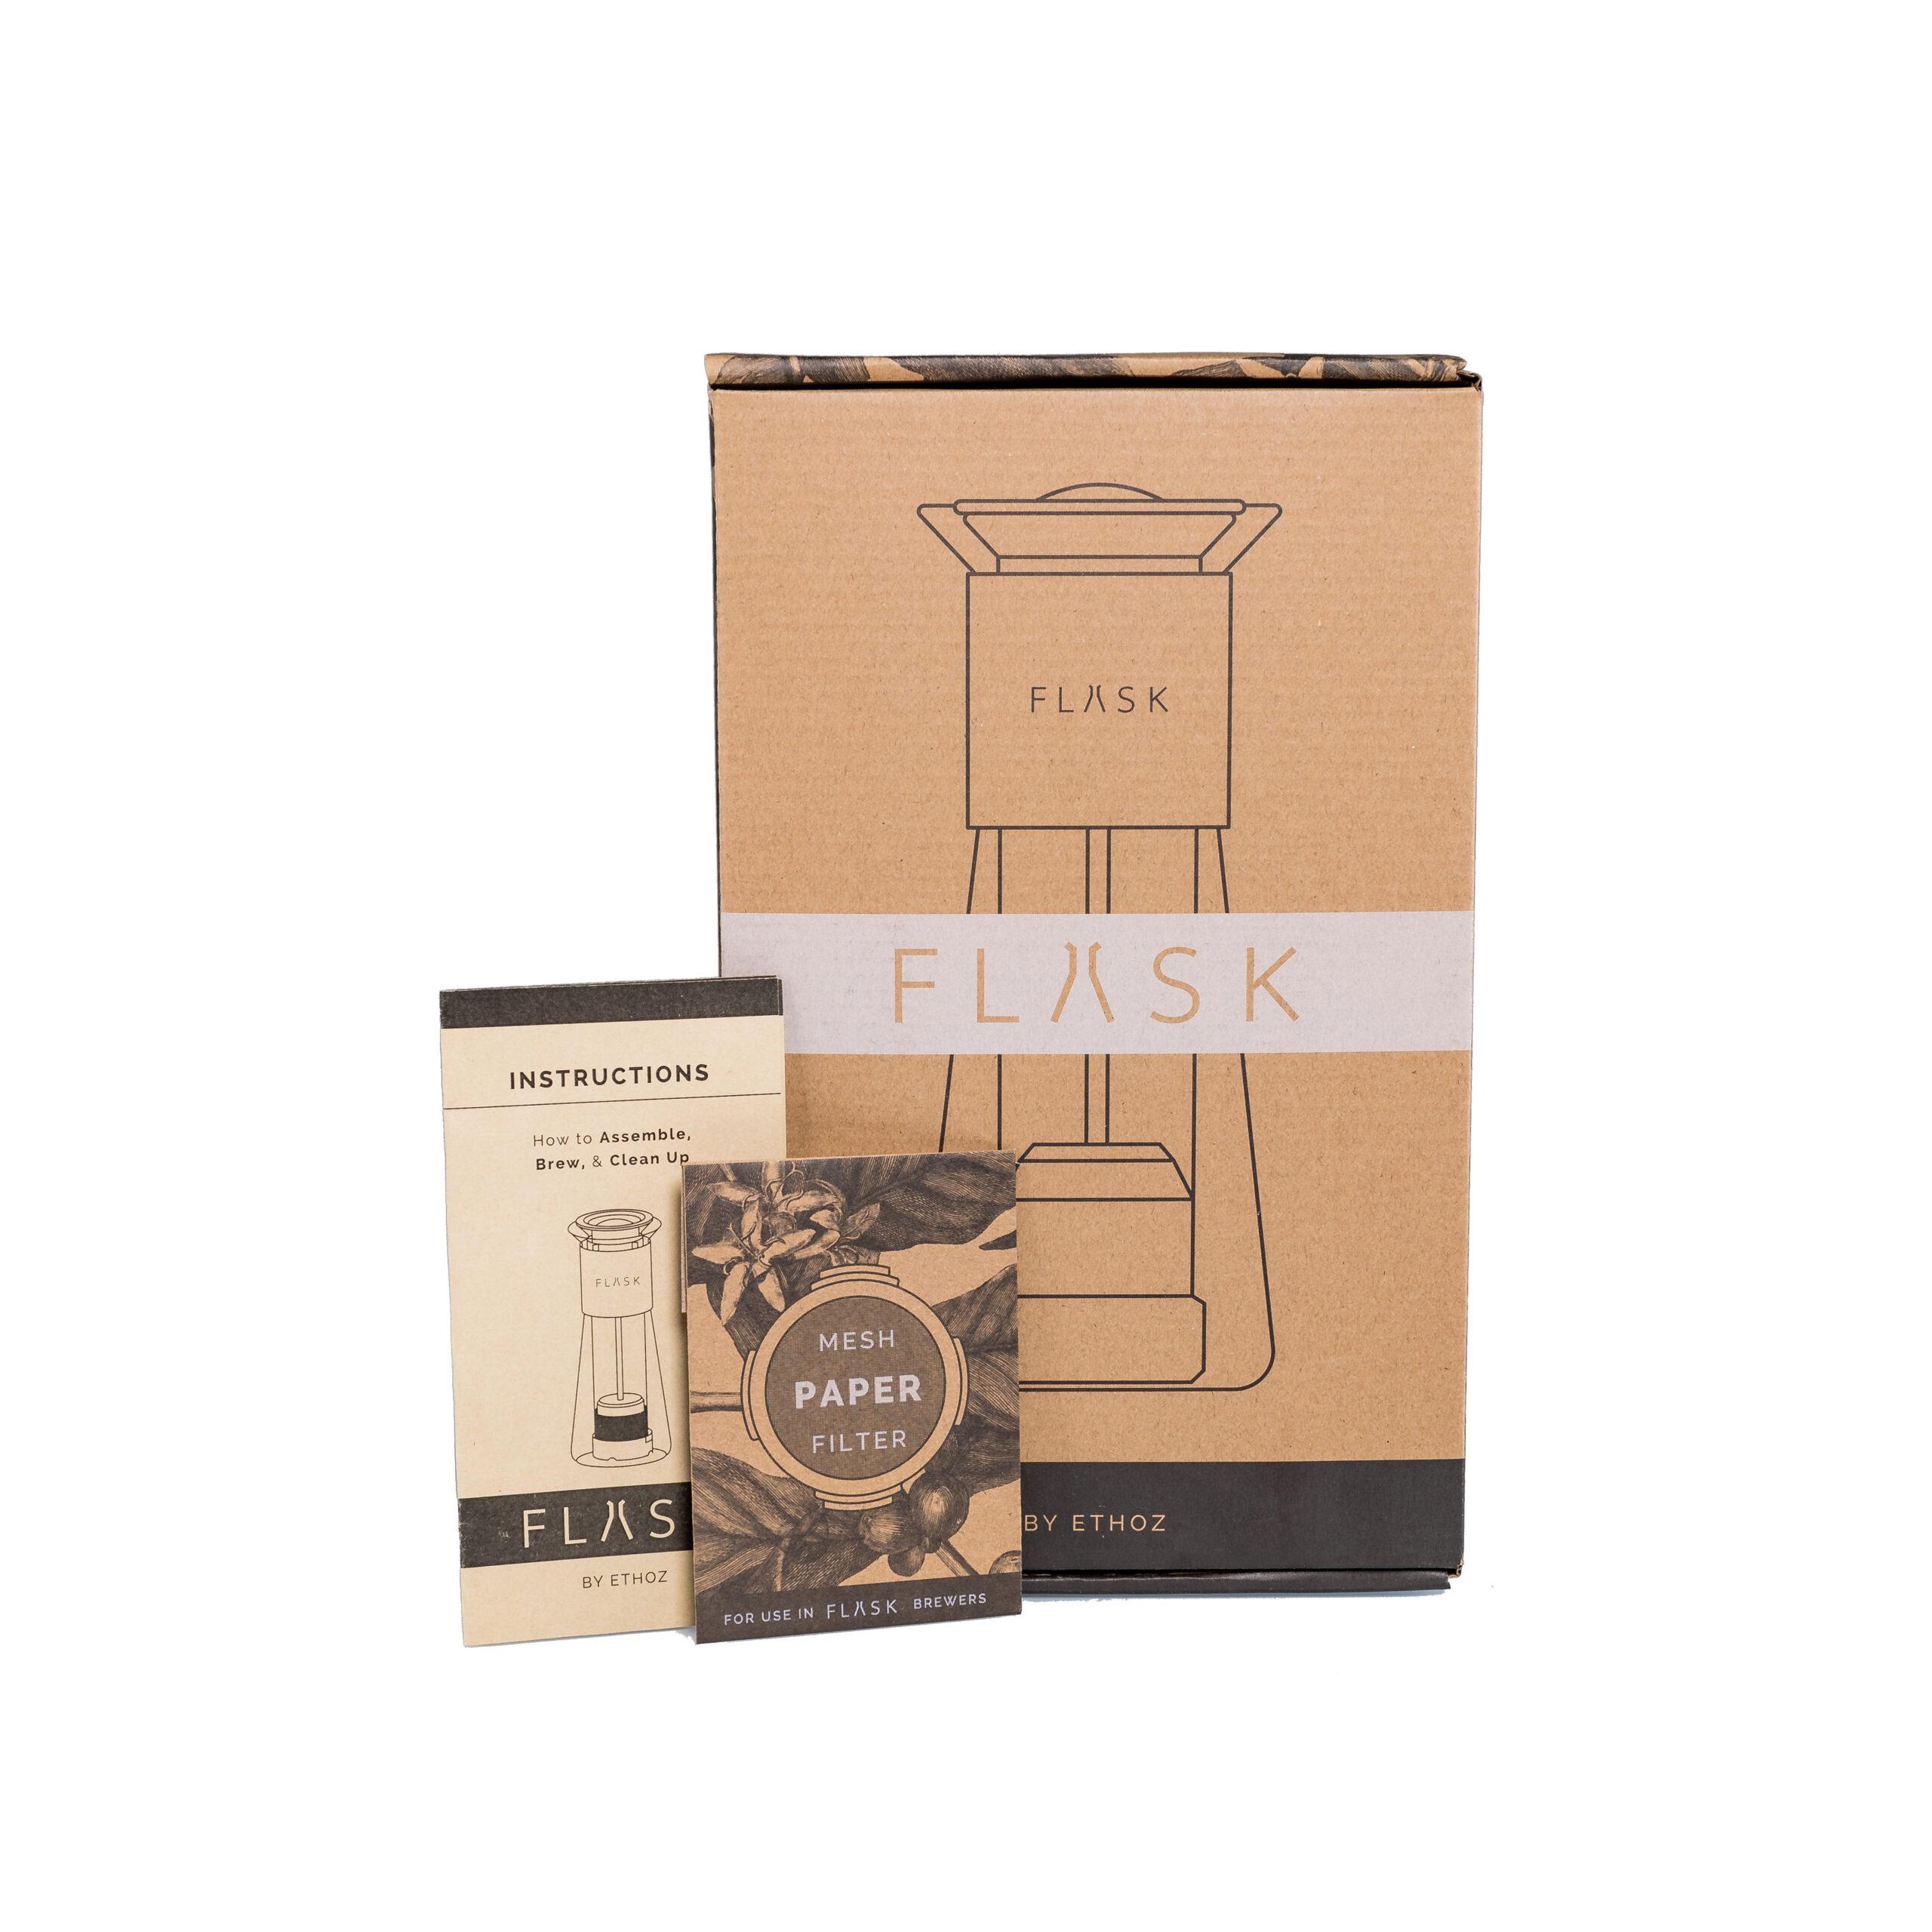 ethoz FLASK box – Courtesy of Planetary Design